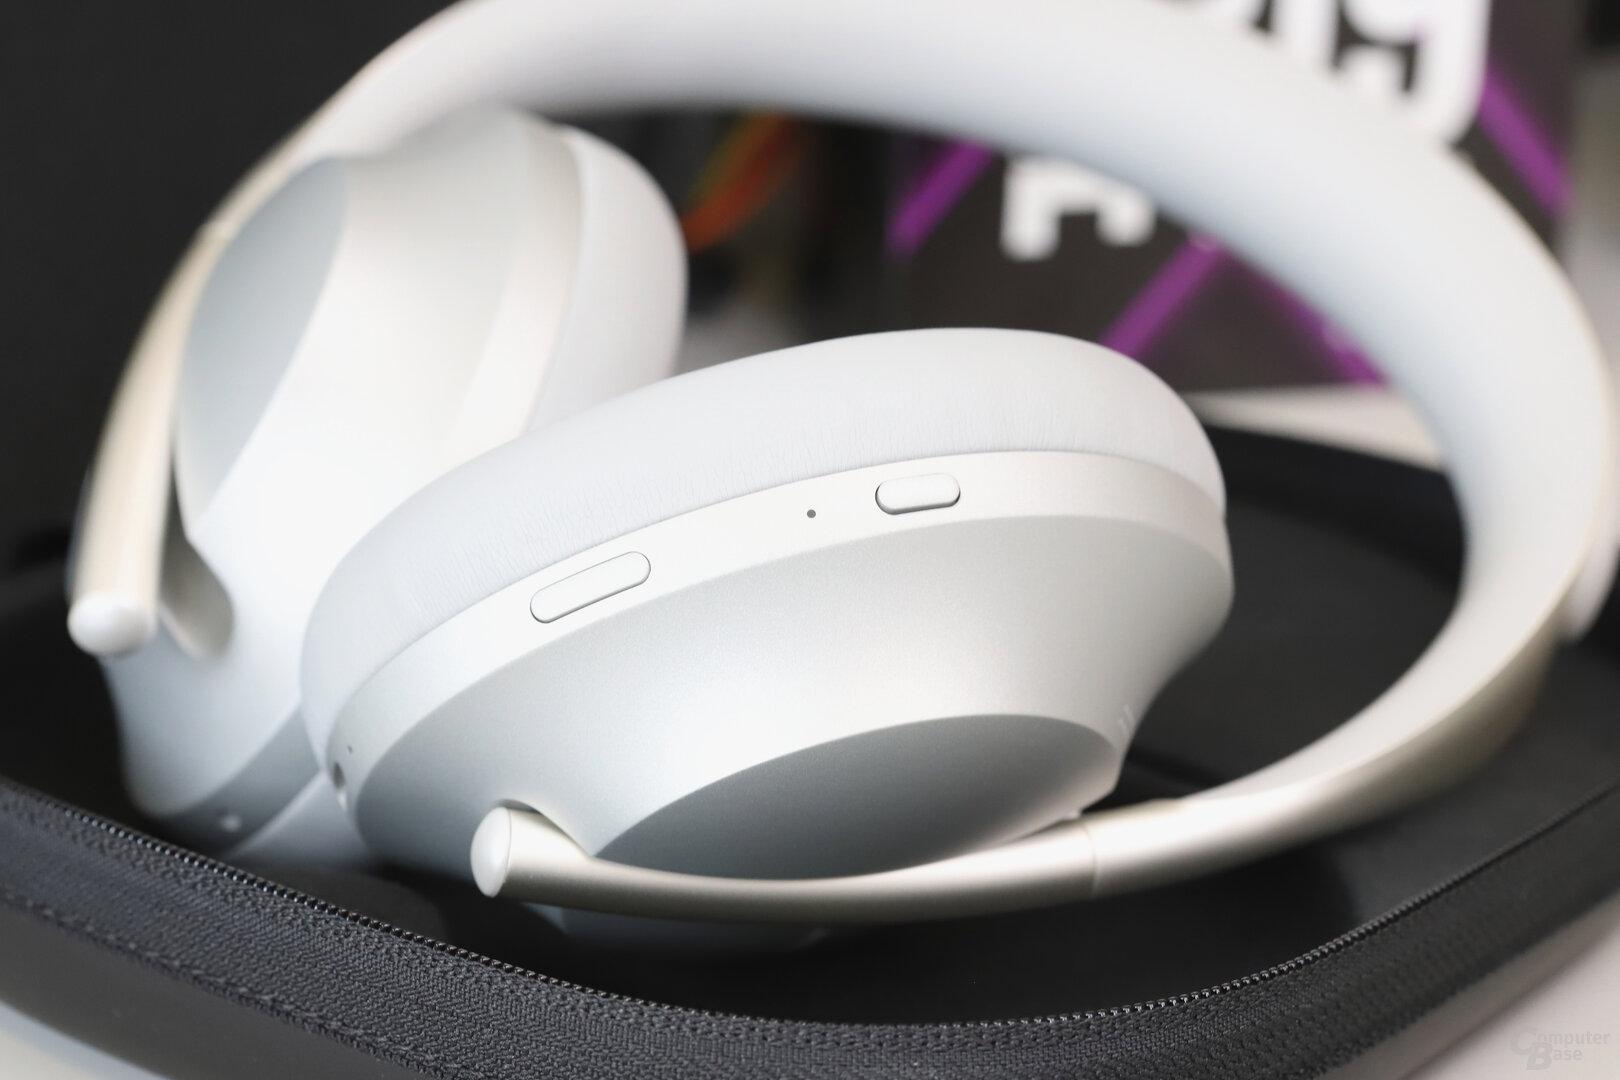 Rechte Kopfhörermuschel mit Tasten für Assistant und An/Aus